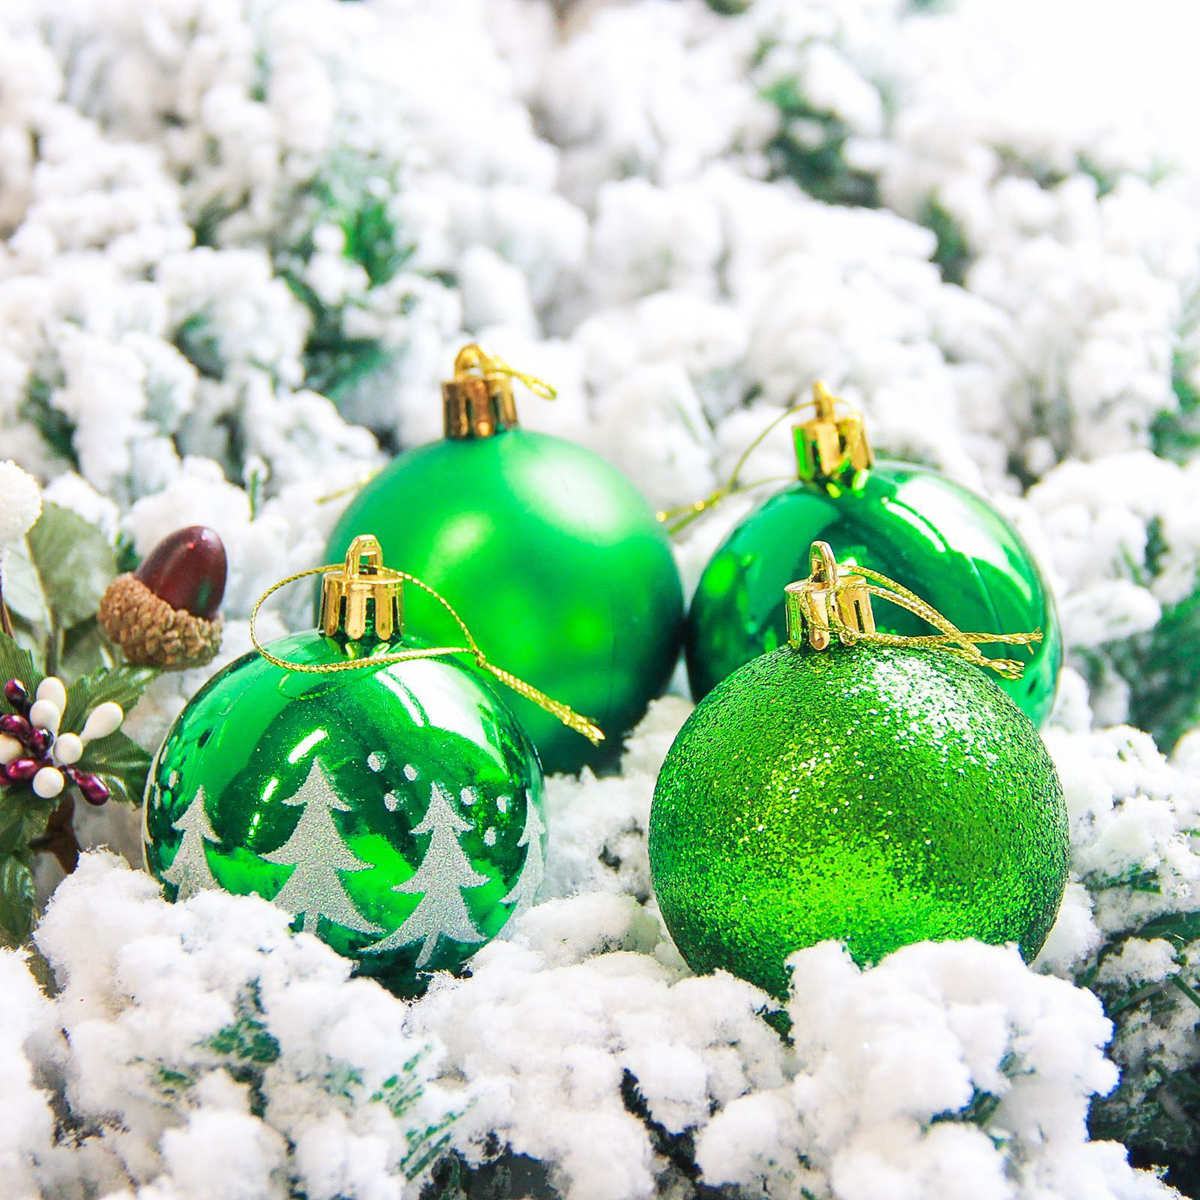 Набор новогодних подвесных украшений Sima-land Грациозо, цвет: зеленый, диаметр 6 см, 16 шт2178250Невозможно представить нашу жизнь без праздников! Мы всегда ждём их и предвкушаем, обдумываем, как проведём памятный день, тщательно выбираем подарки и аксессуары, ведь именно они создают и поддерживают торжественный настрой.